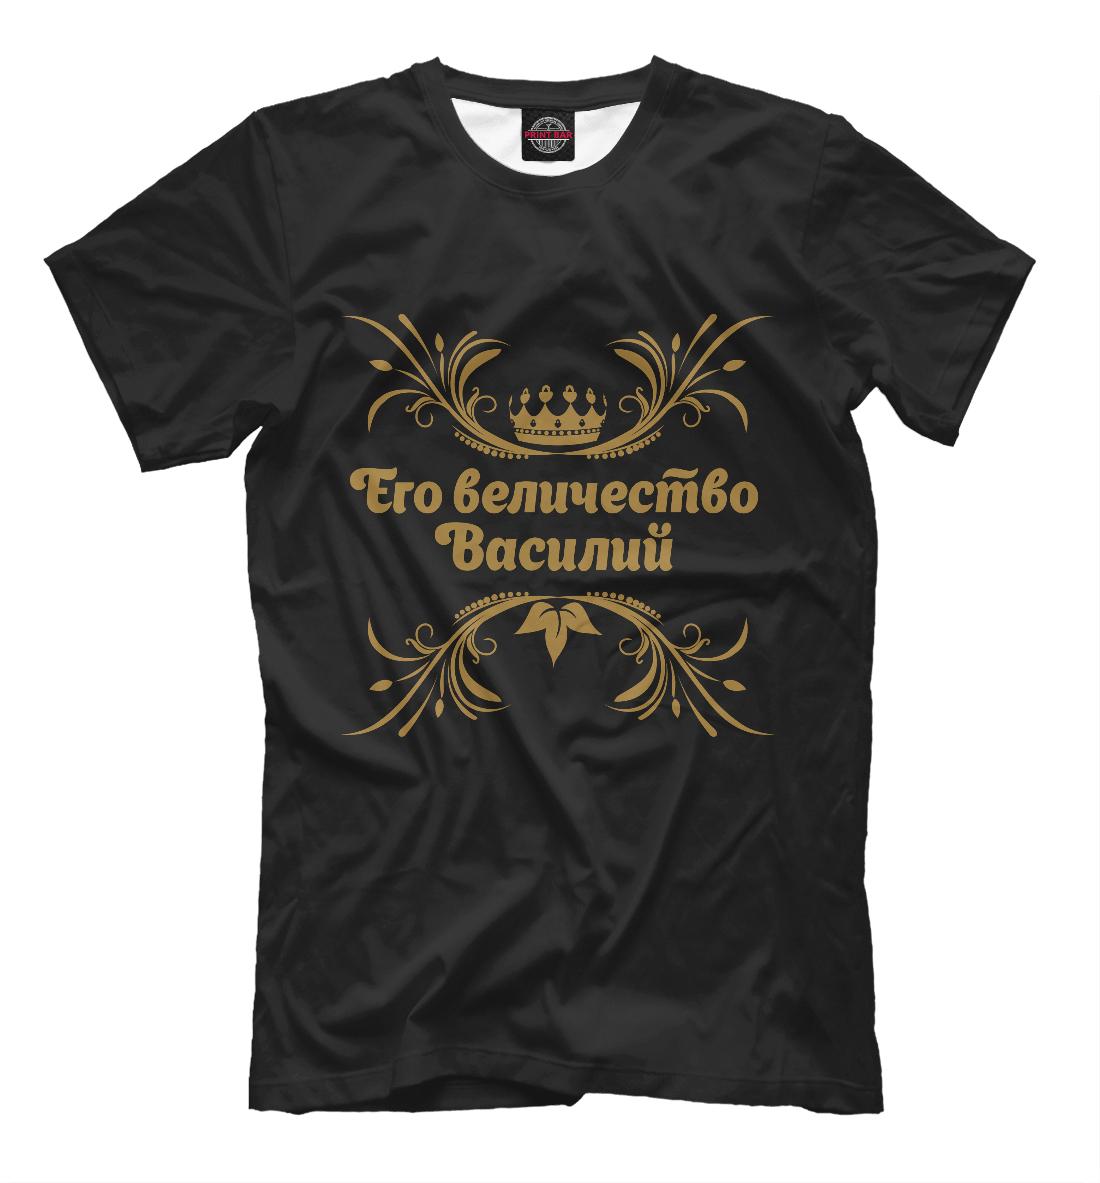 Купить Его величество Василий, Printbar, Футболки, IMR-227496-fut-2